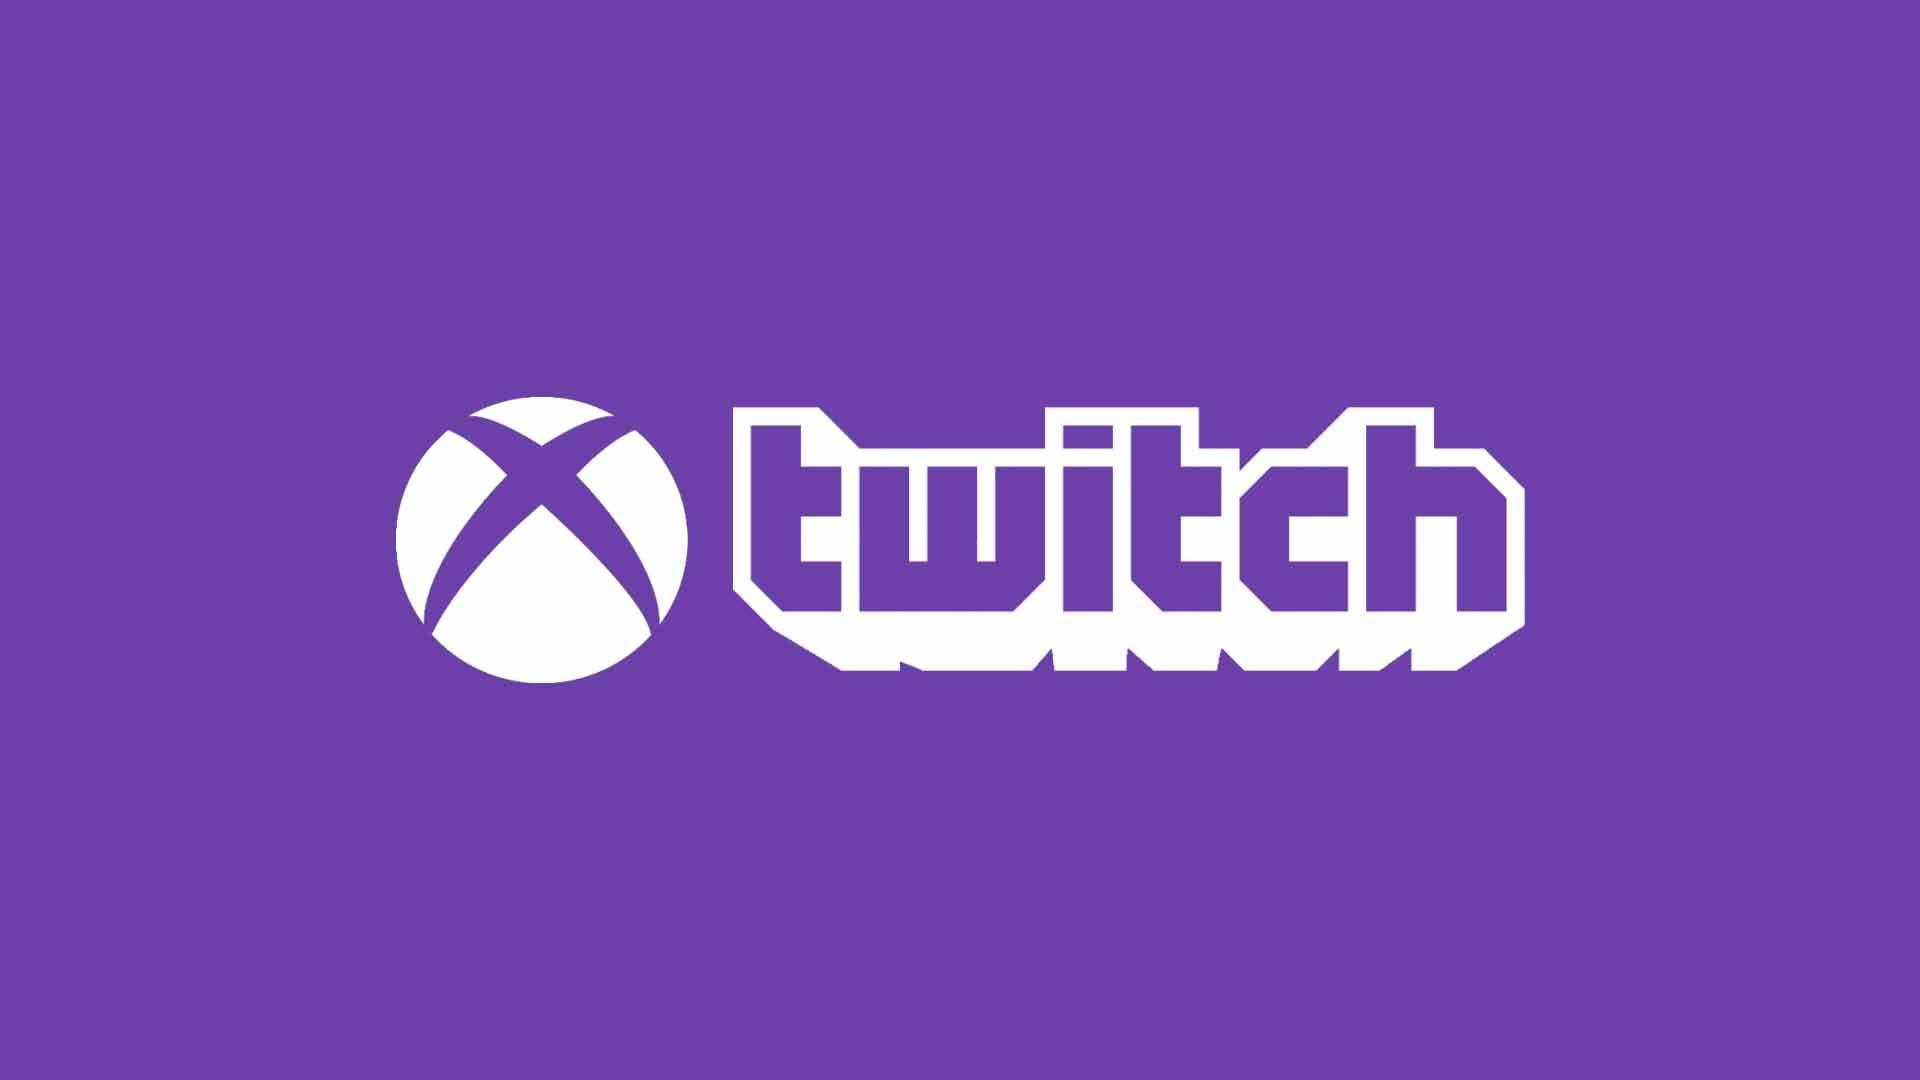 Xbox incorporará Twitch al dashboard en el futuro 2